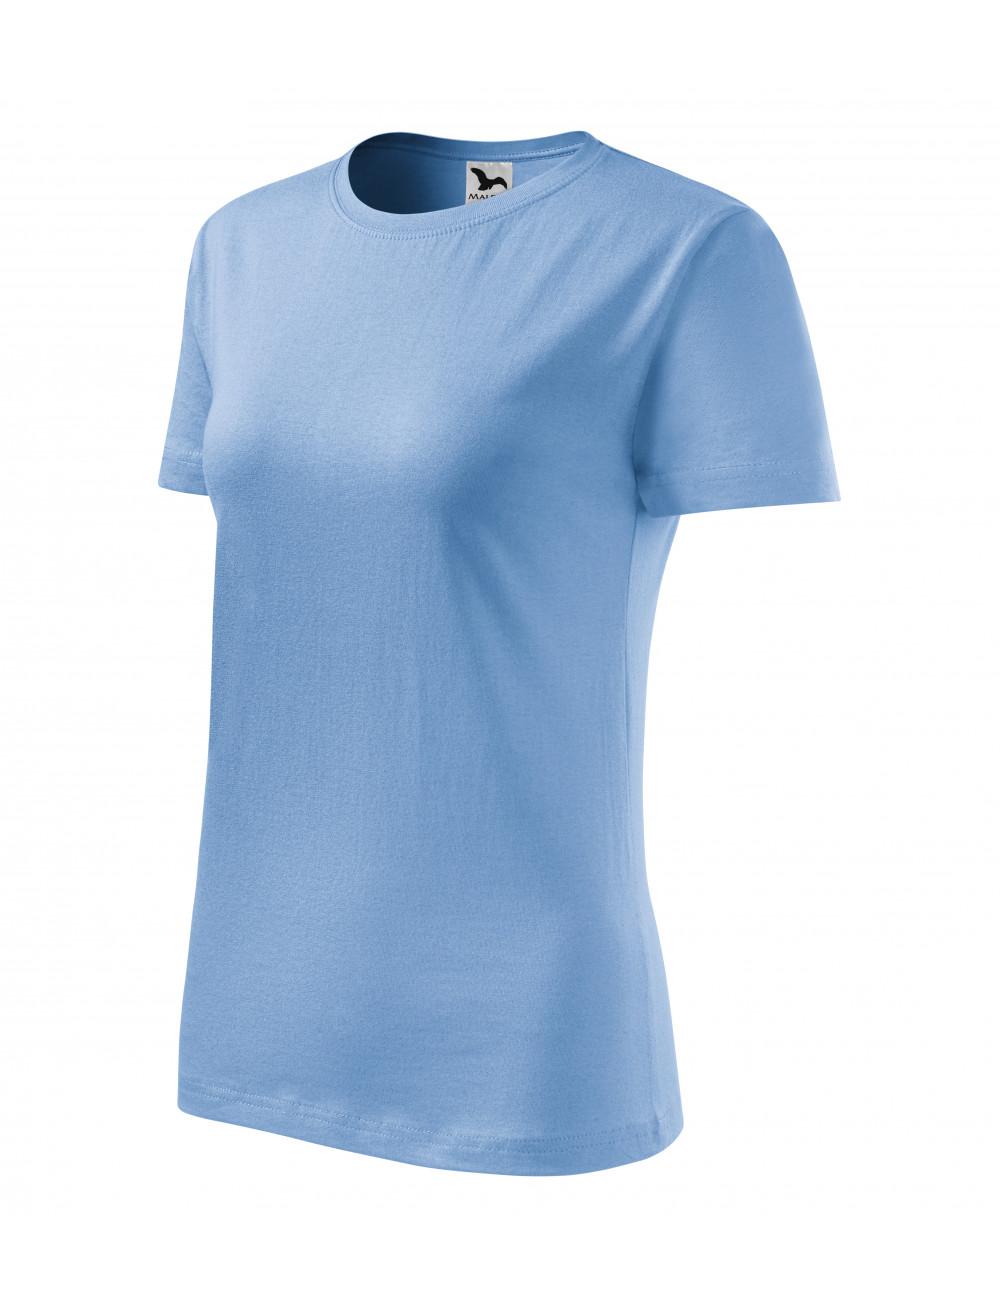 Adler MALFINI Koszulka damska Classic New 133 błękitny